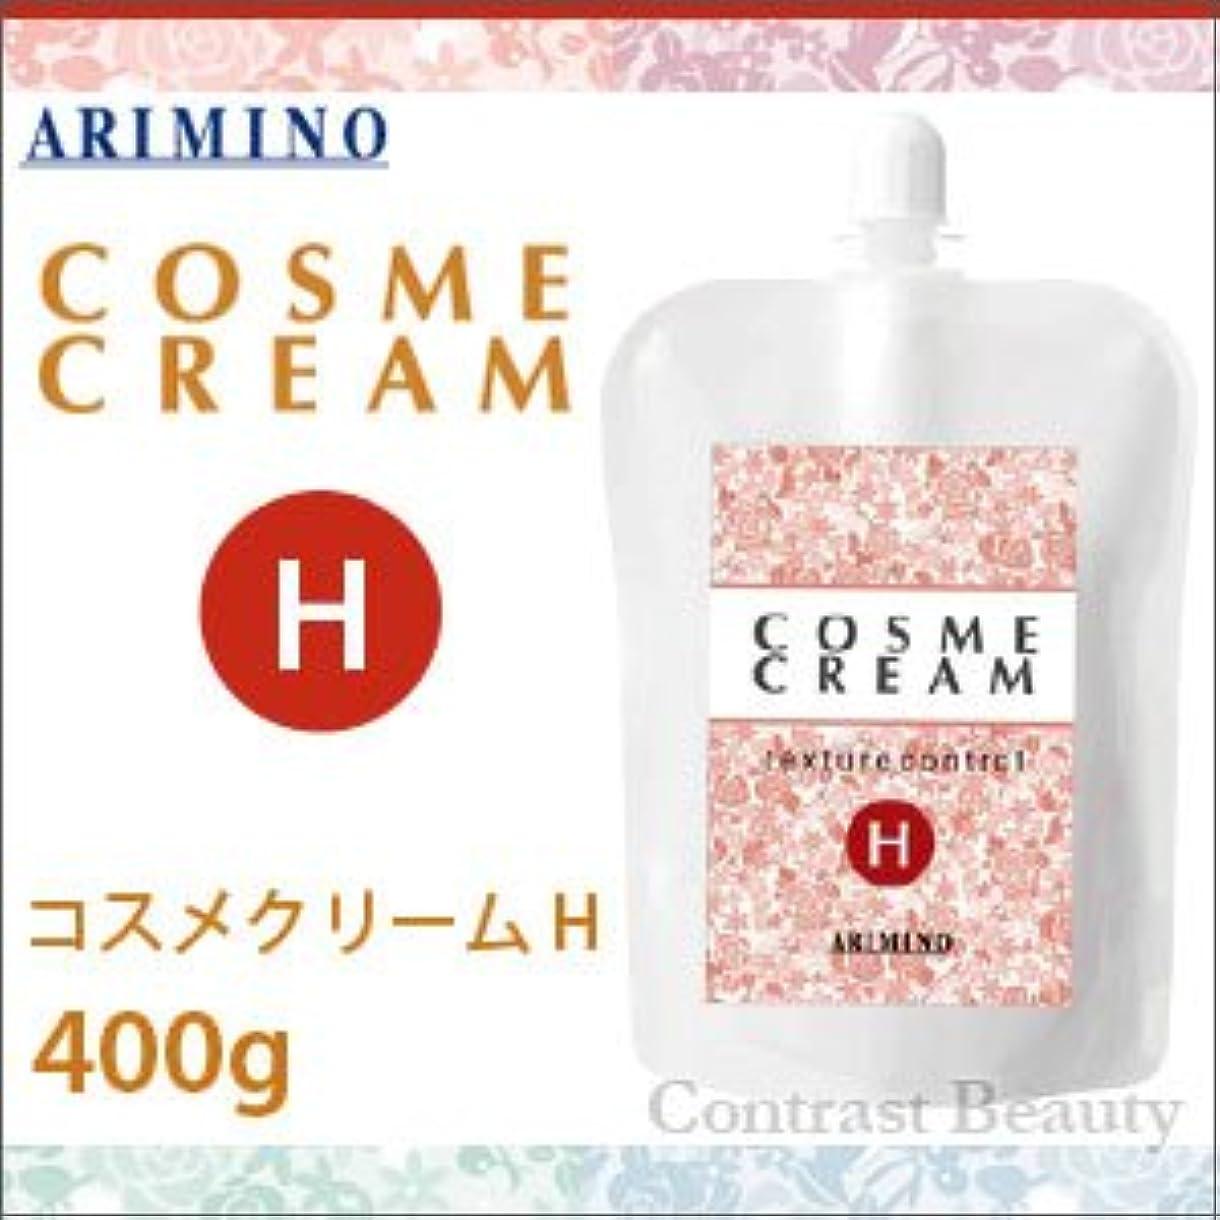 粘り強いつかいますそしてアリミノ コスメクリーム H 400g